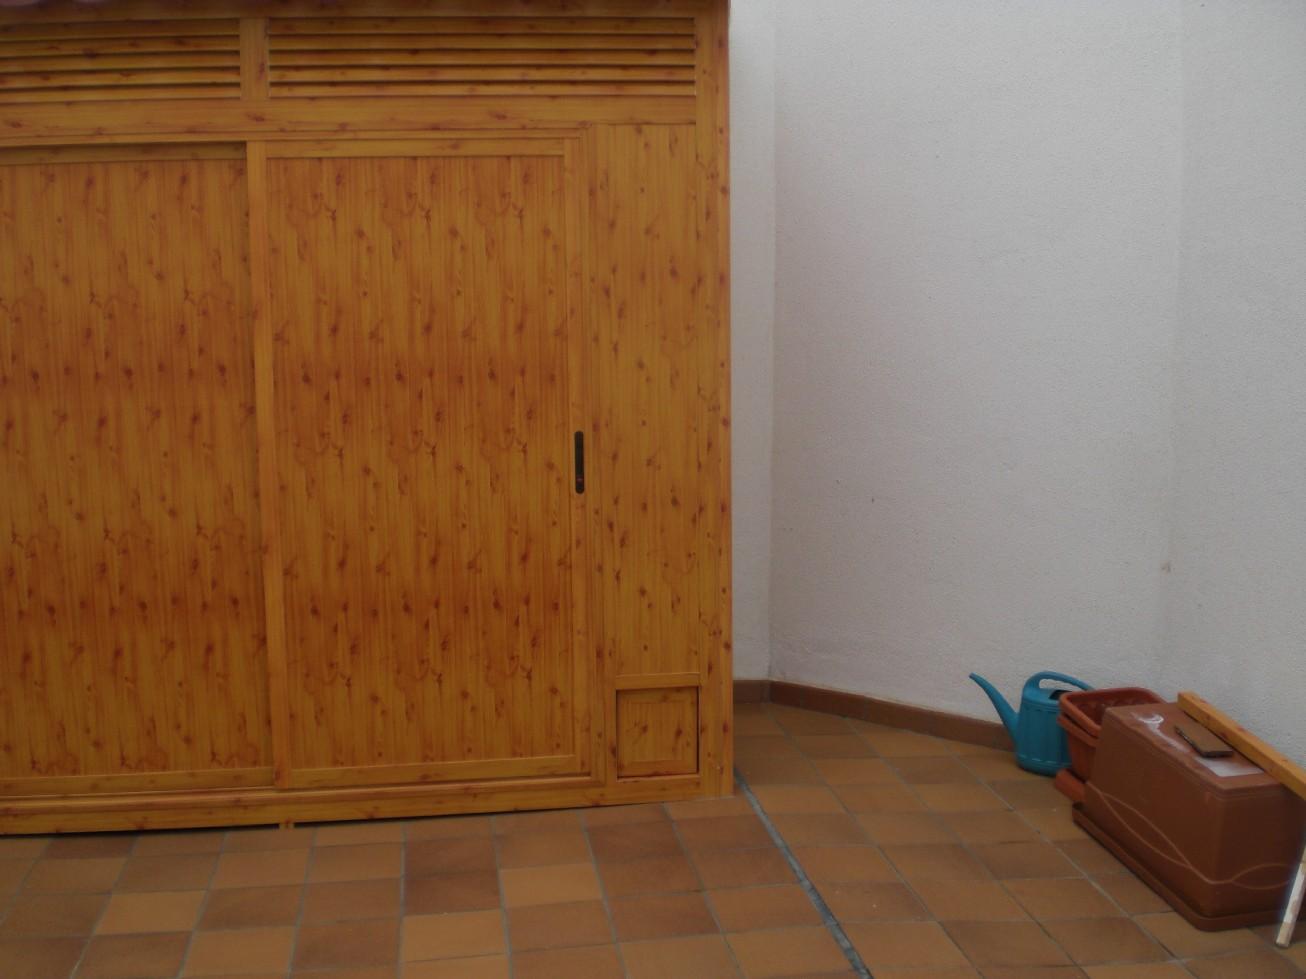 Patio interior de mi piso que quiero convertir en para so - Quiero reformar mi piso ...